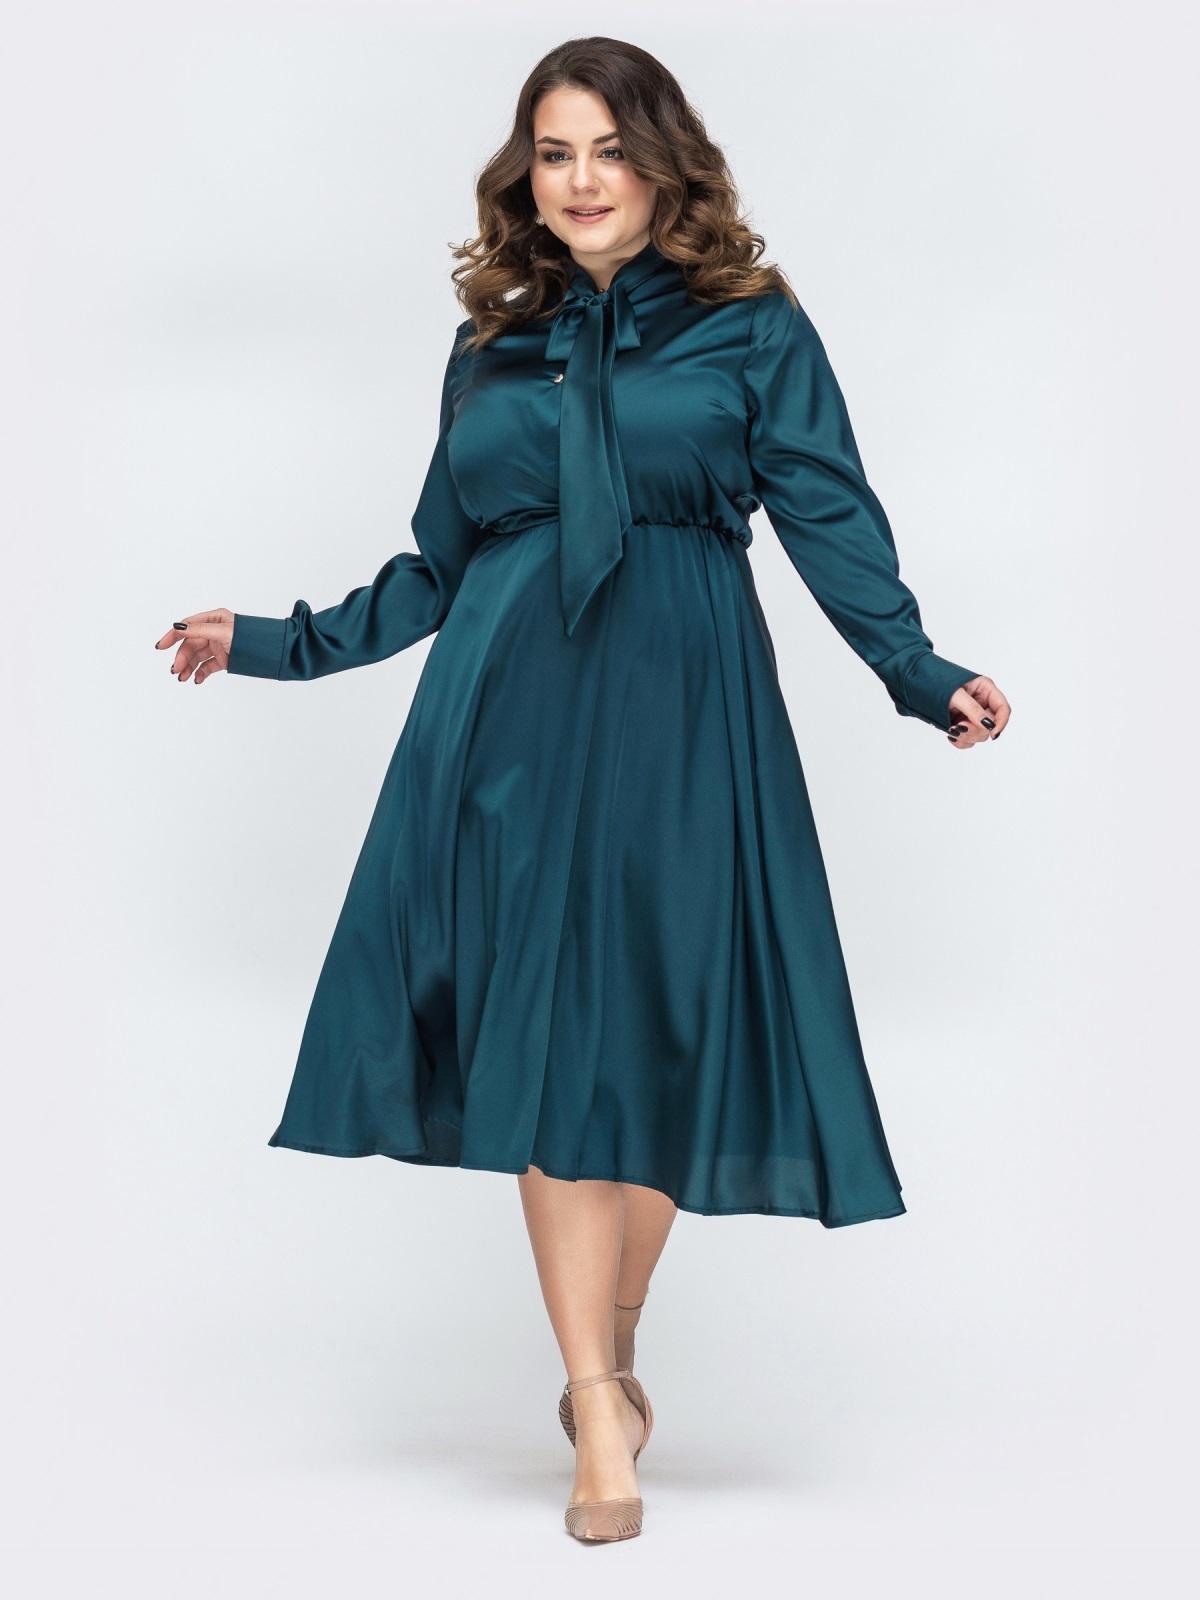 Шелковое платье батал с воротником-аскот зеленое 45396, фото 1